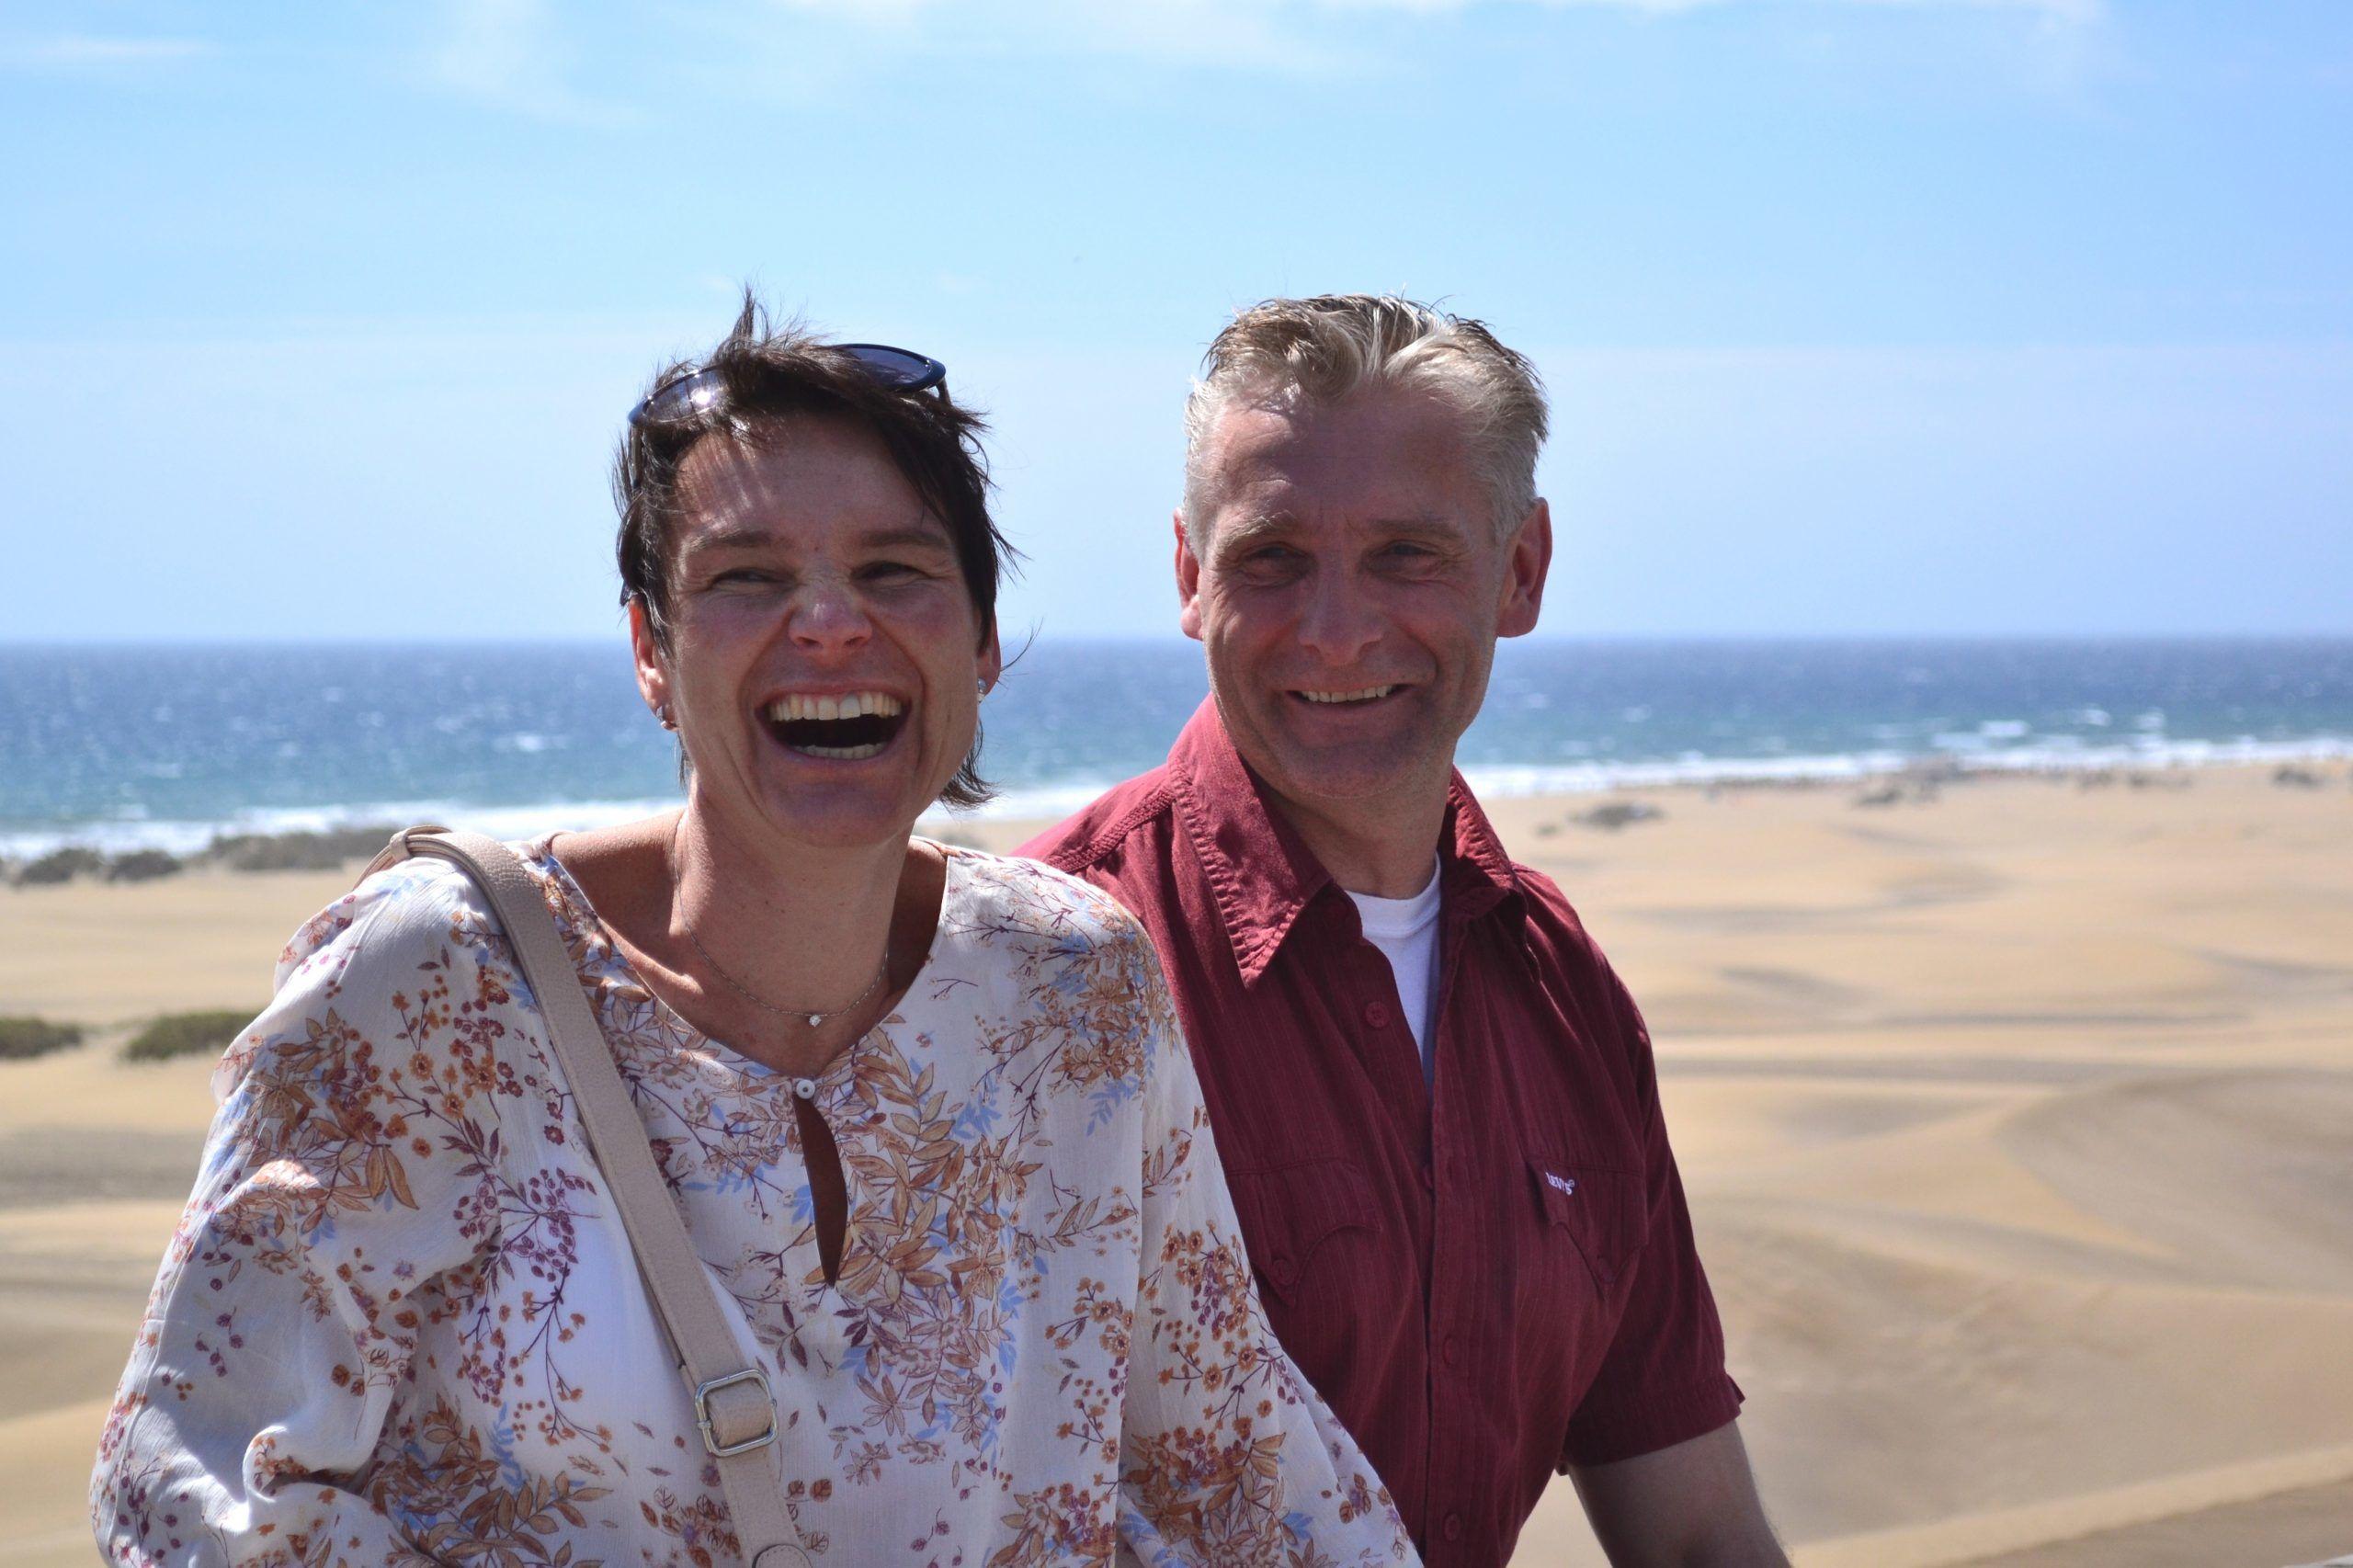 Auf der Suche nach Korfi Liebligshotels auf Gran Canaria 2016